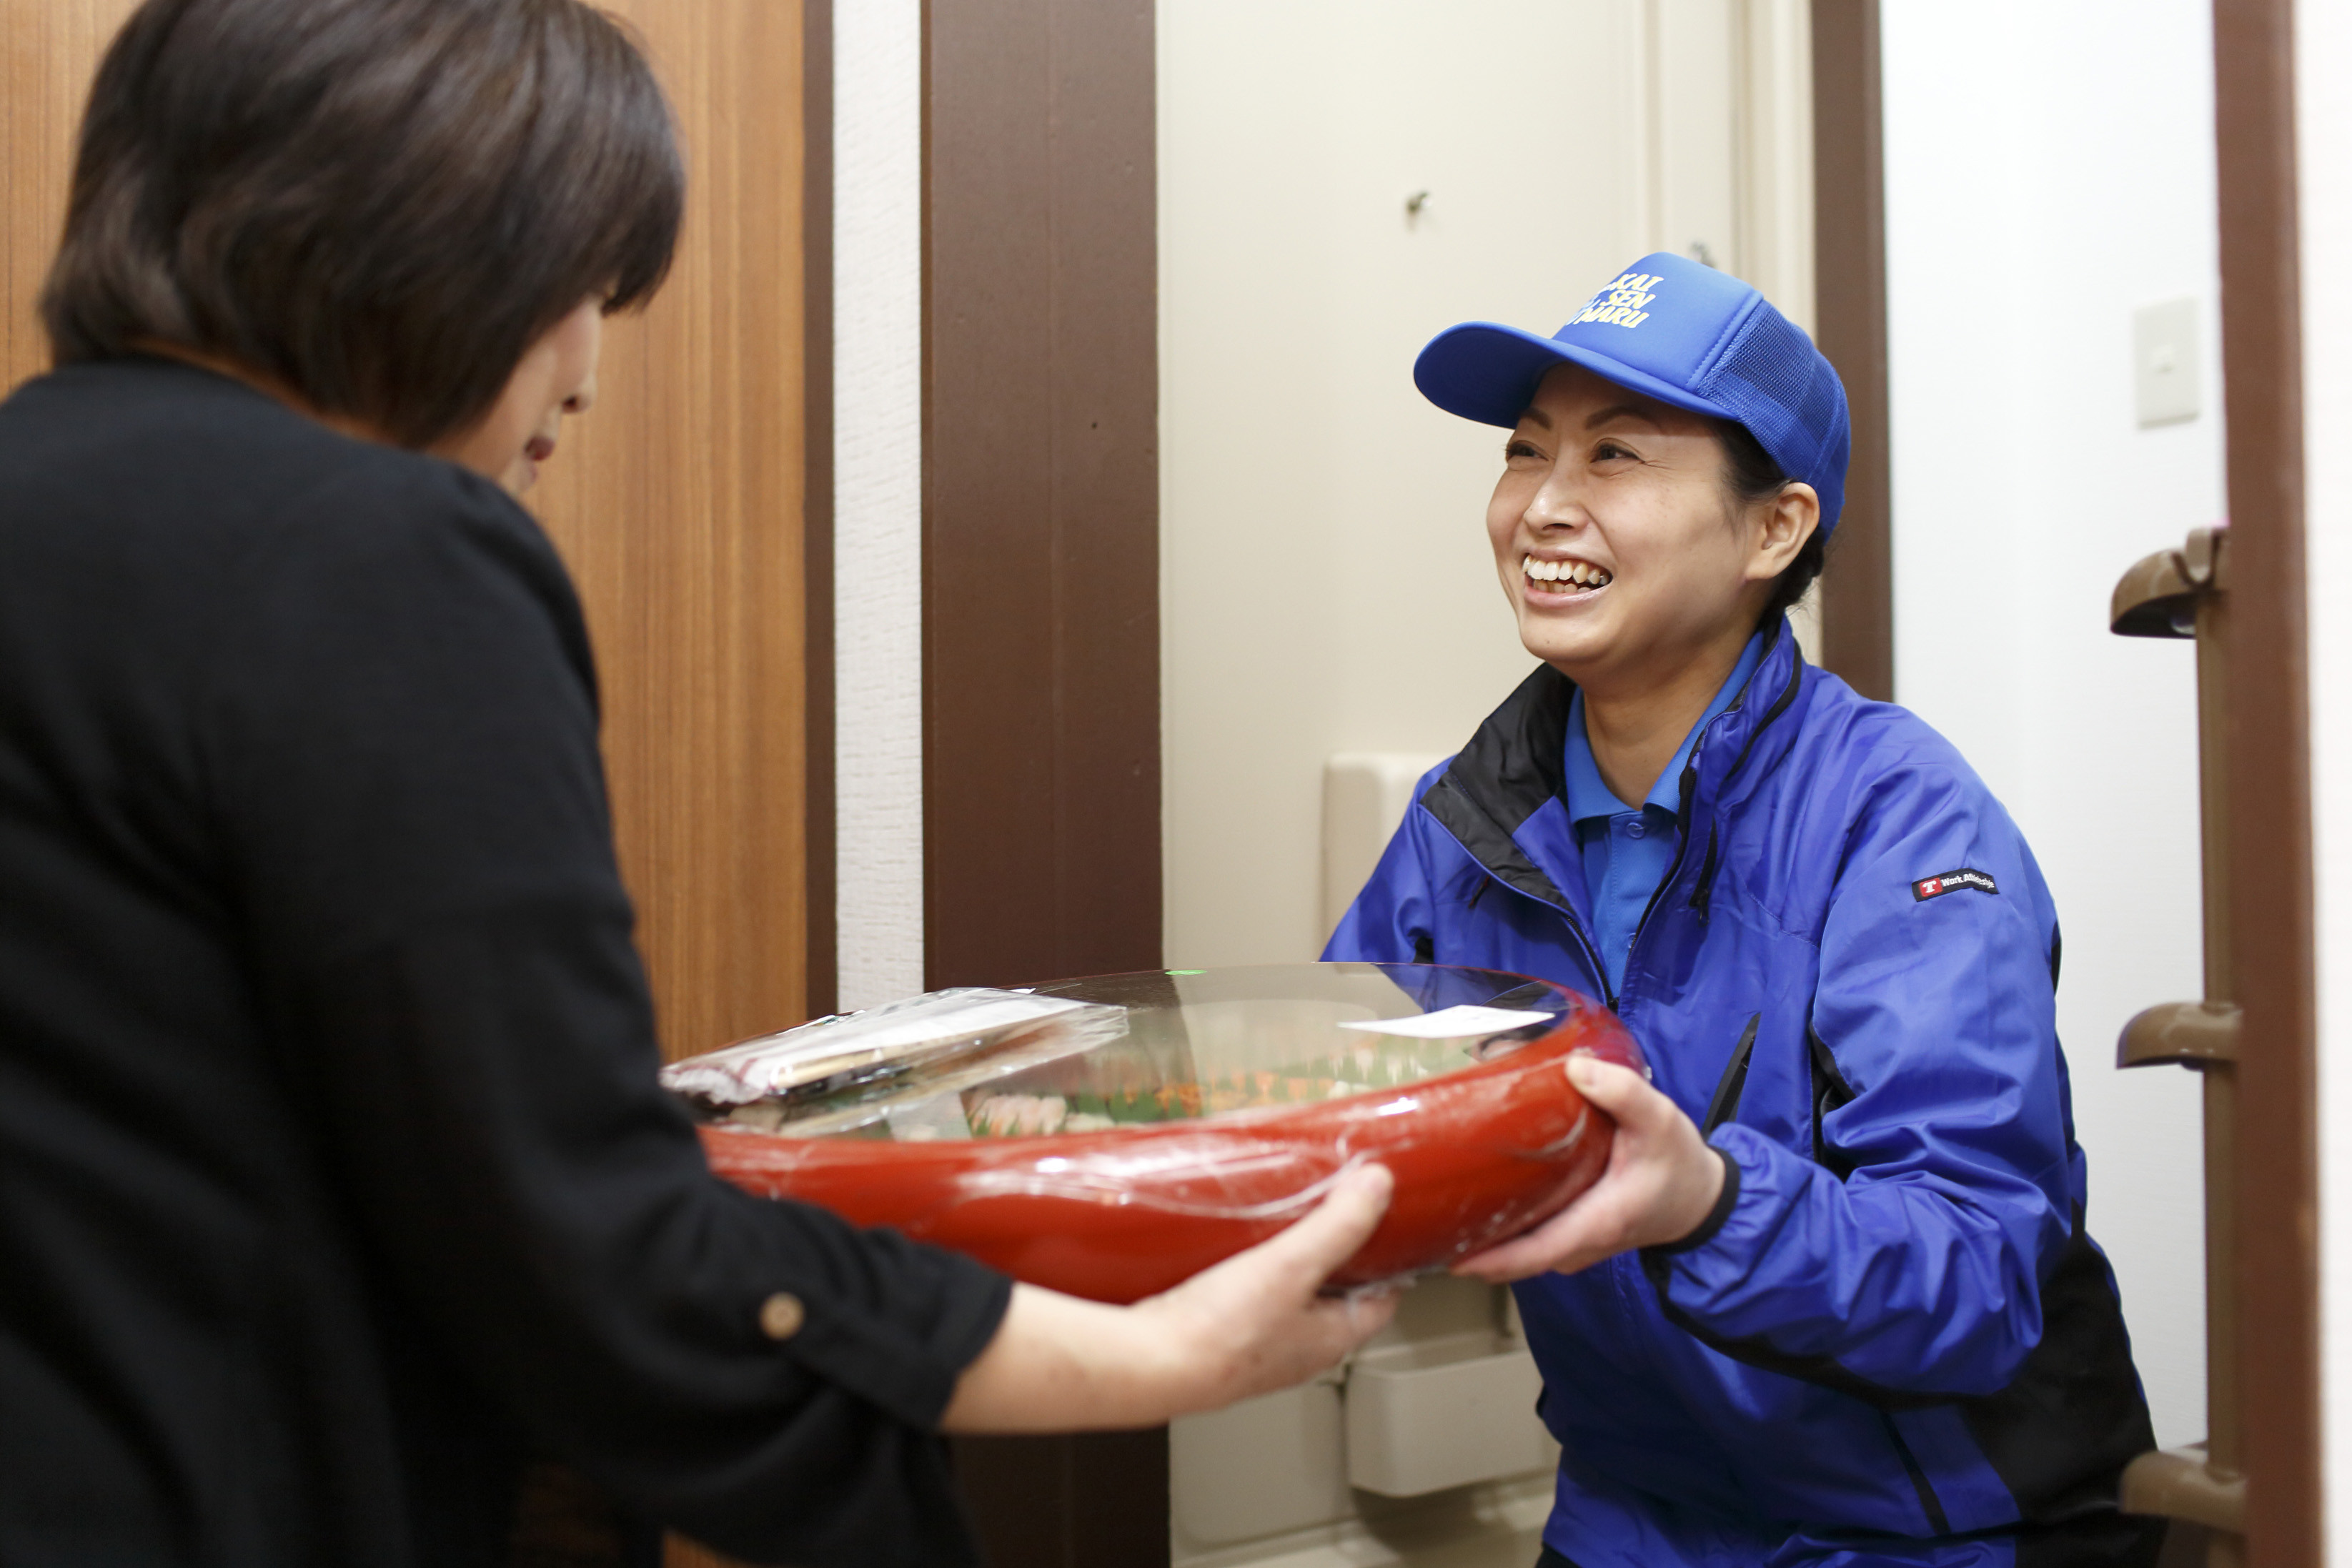 札幌海鮮丸 花川南店 デリバリー(配達)スタッフのアルバイト情報